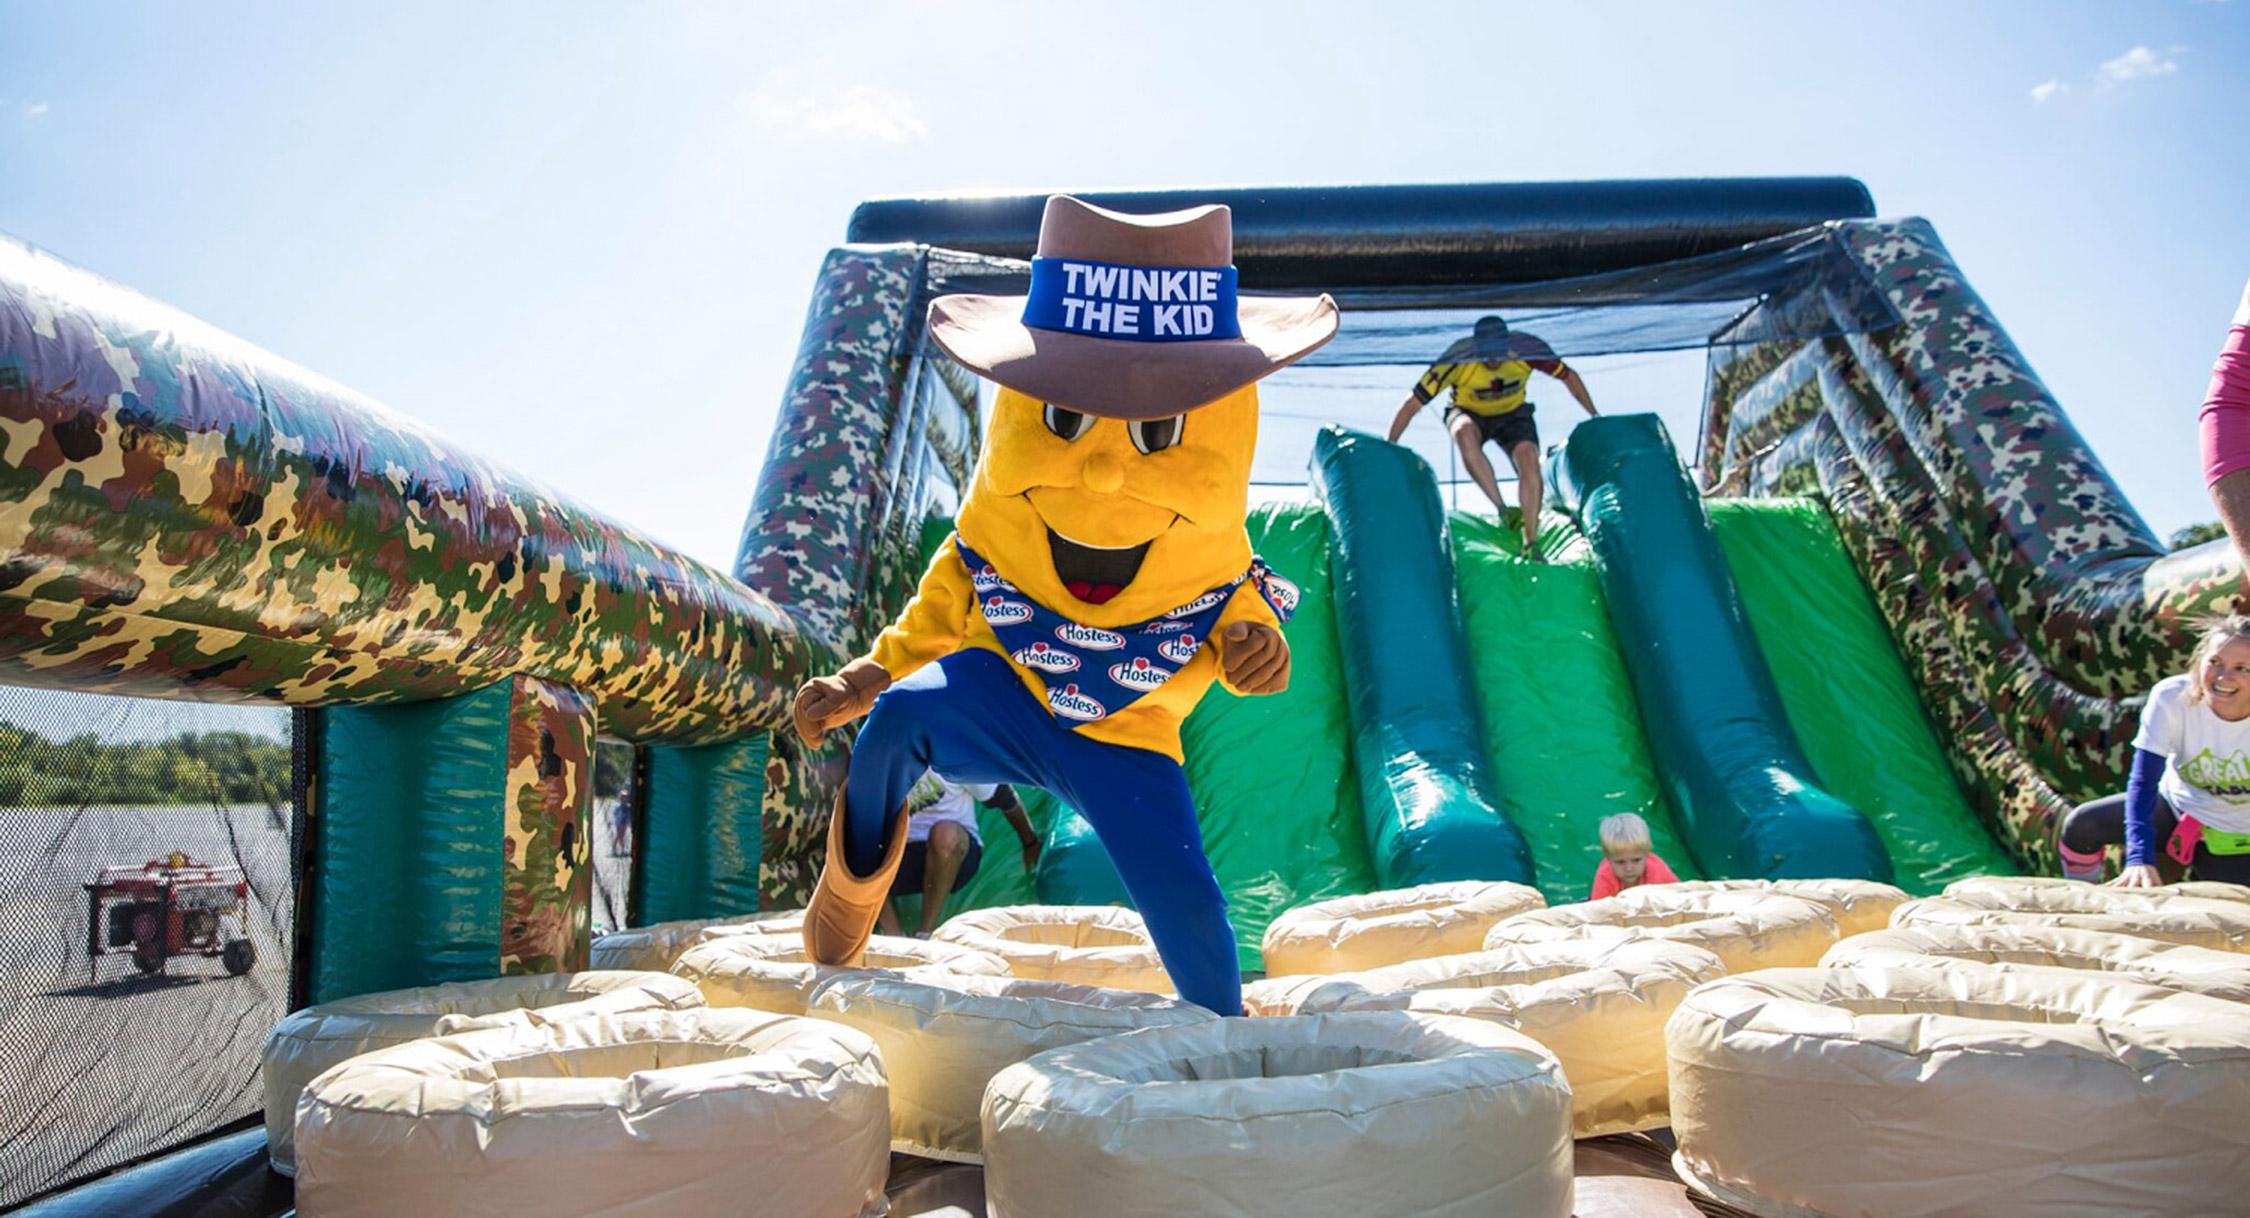 Twinkie the Kid mascot